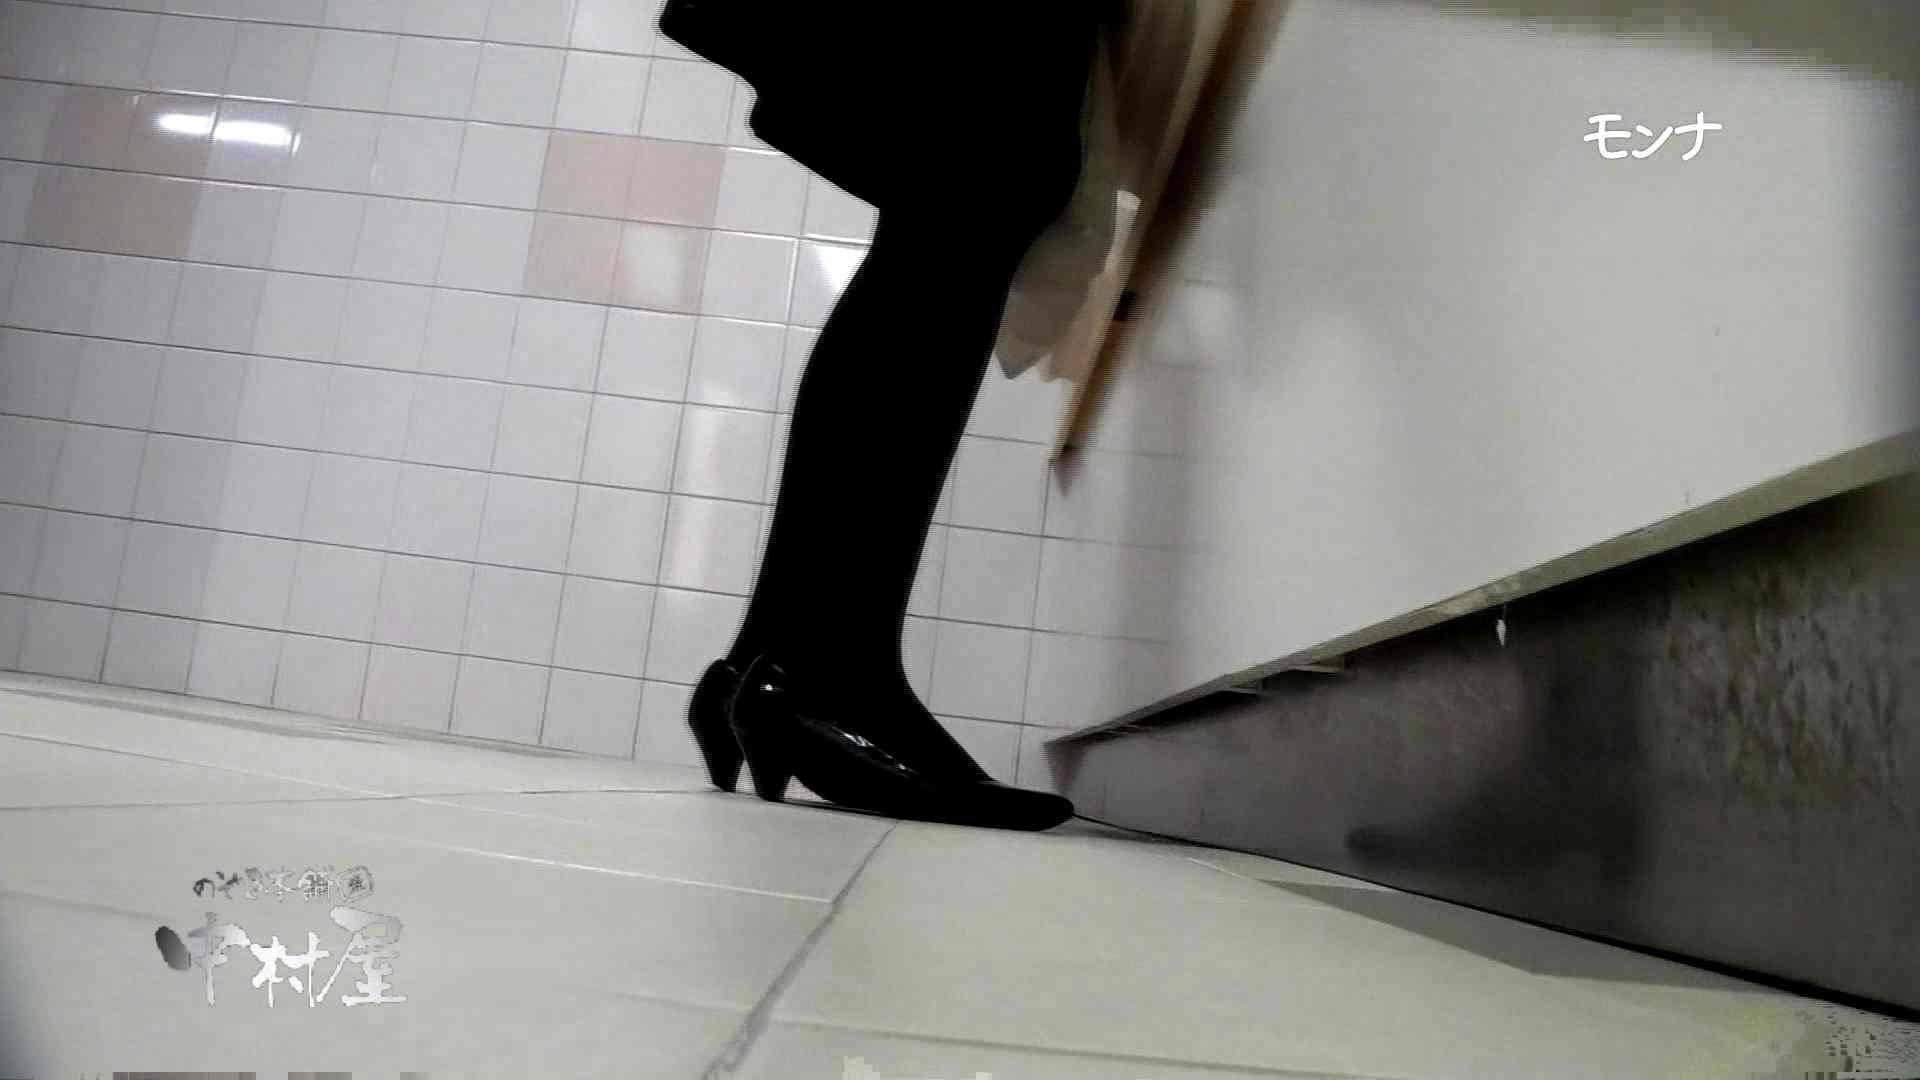 【美しい日本の未来】新学期!!下半身中心に攻めてます美女可愛い女子悪戯盗satuトイレ後編 トイレ流出  82連発 8